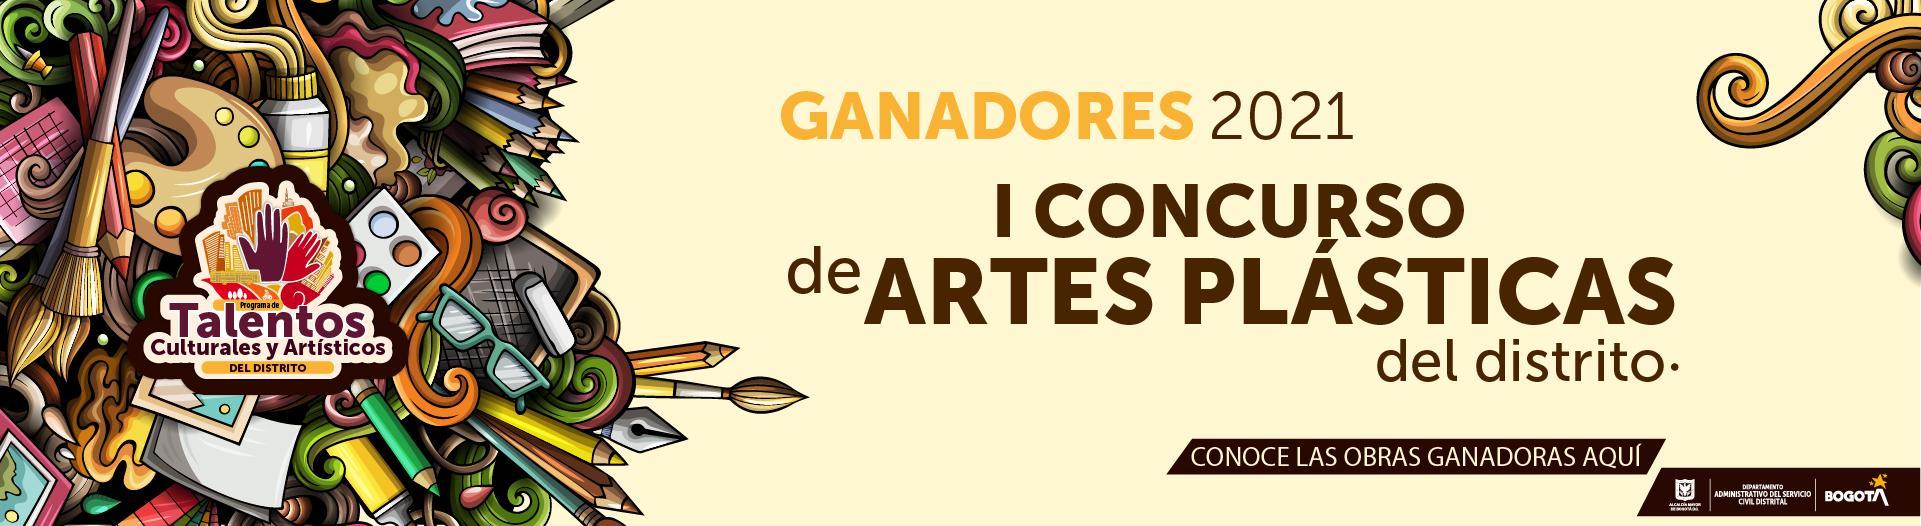 banner ganadores artes